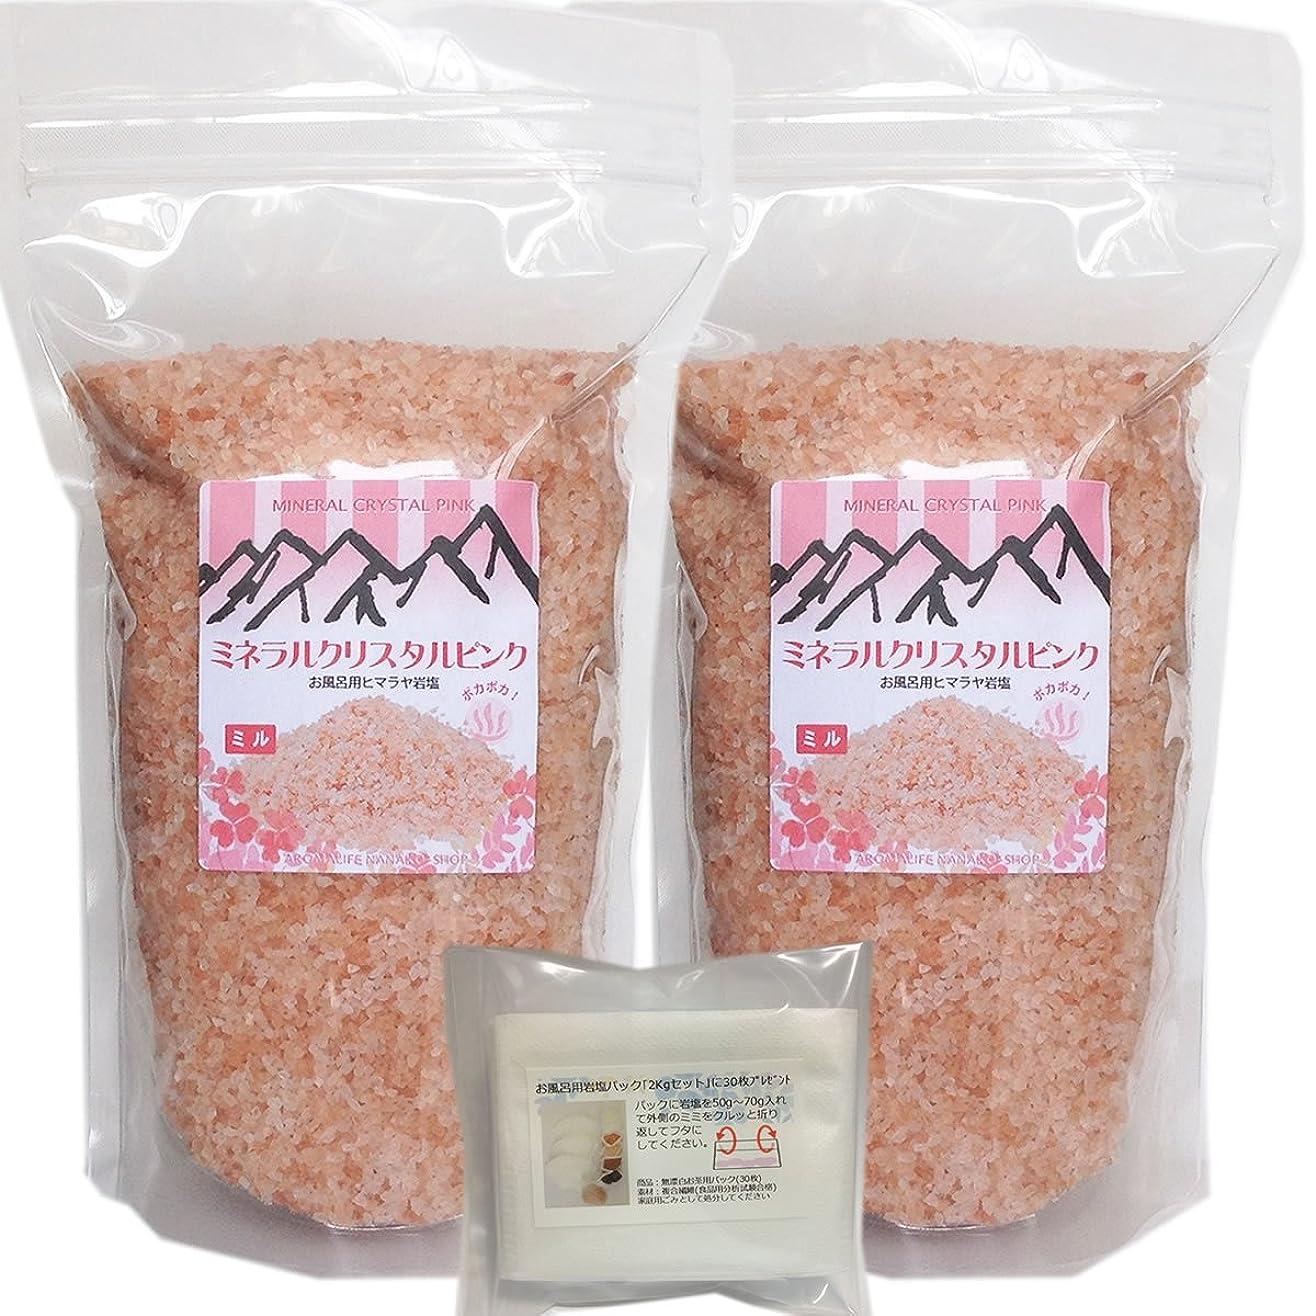 恋人物理的に軸ヒマラヤ岩塩 ミネラルクリスタル ピンク [2Kgセット]